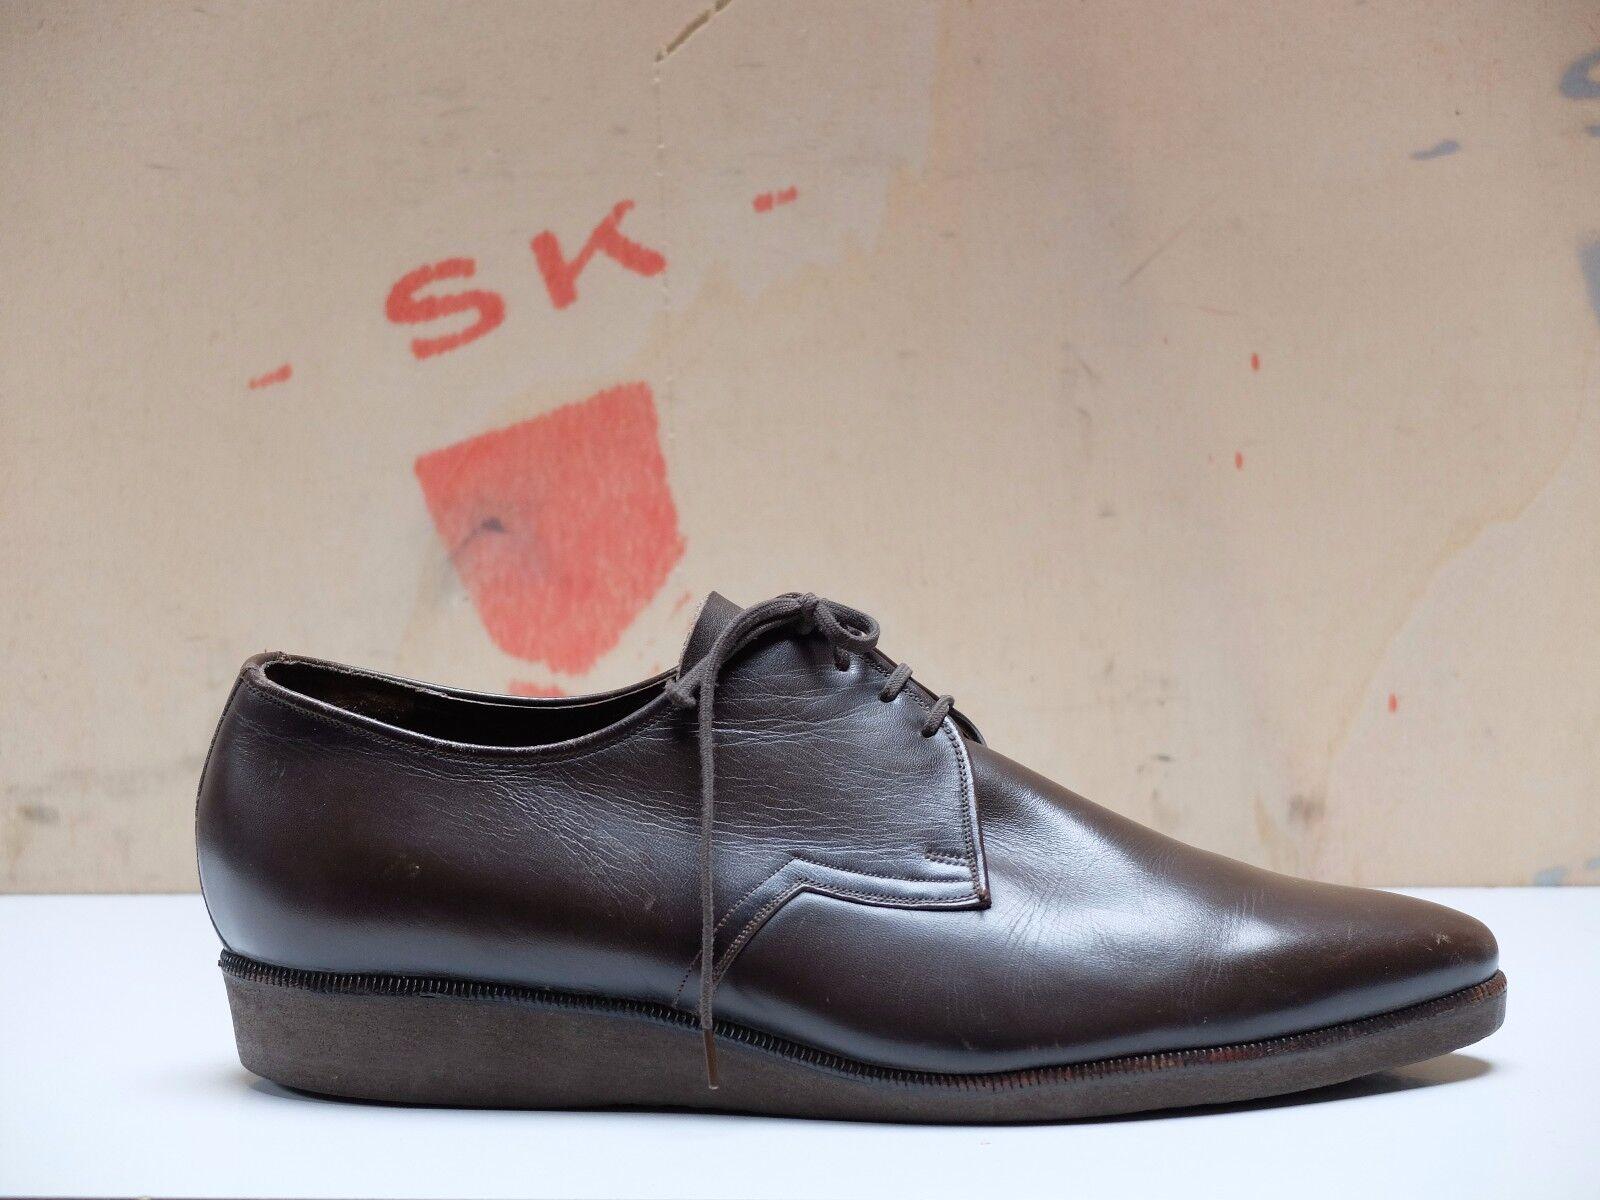 Salamander Chaussures Hommes semelle semelle semelle talon compense cuir taille 41 Chaussure Lacée uk 7 true vintage c0375e